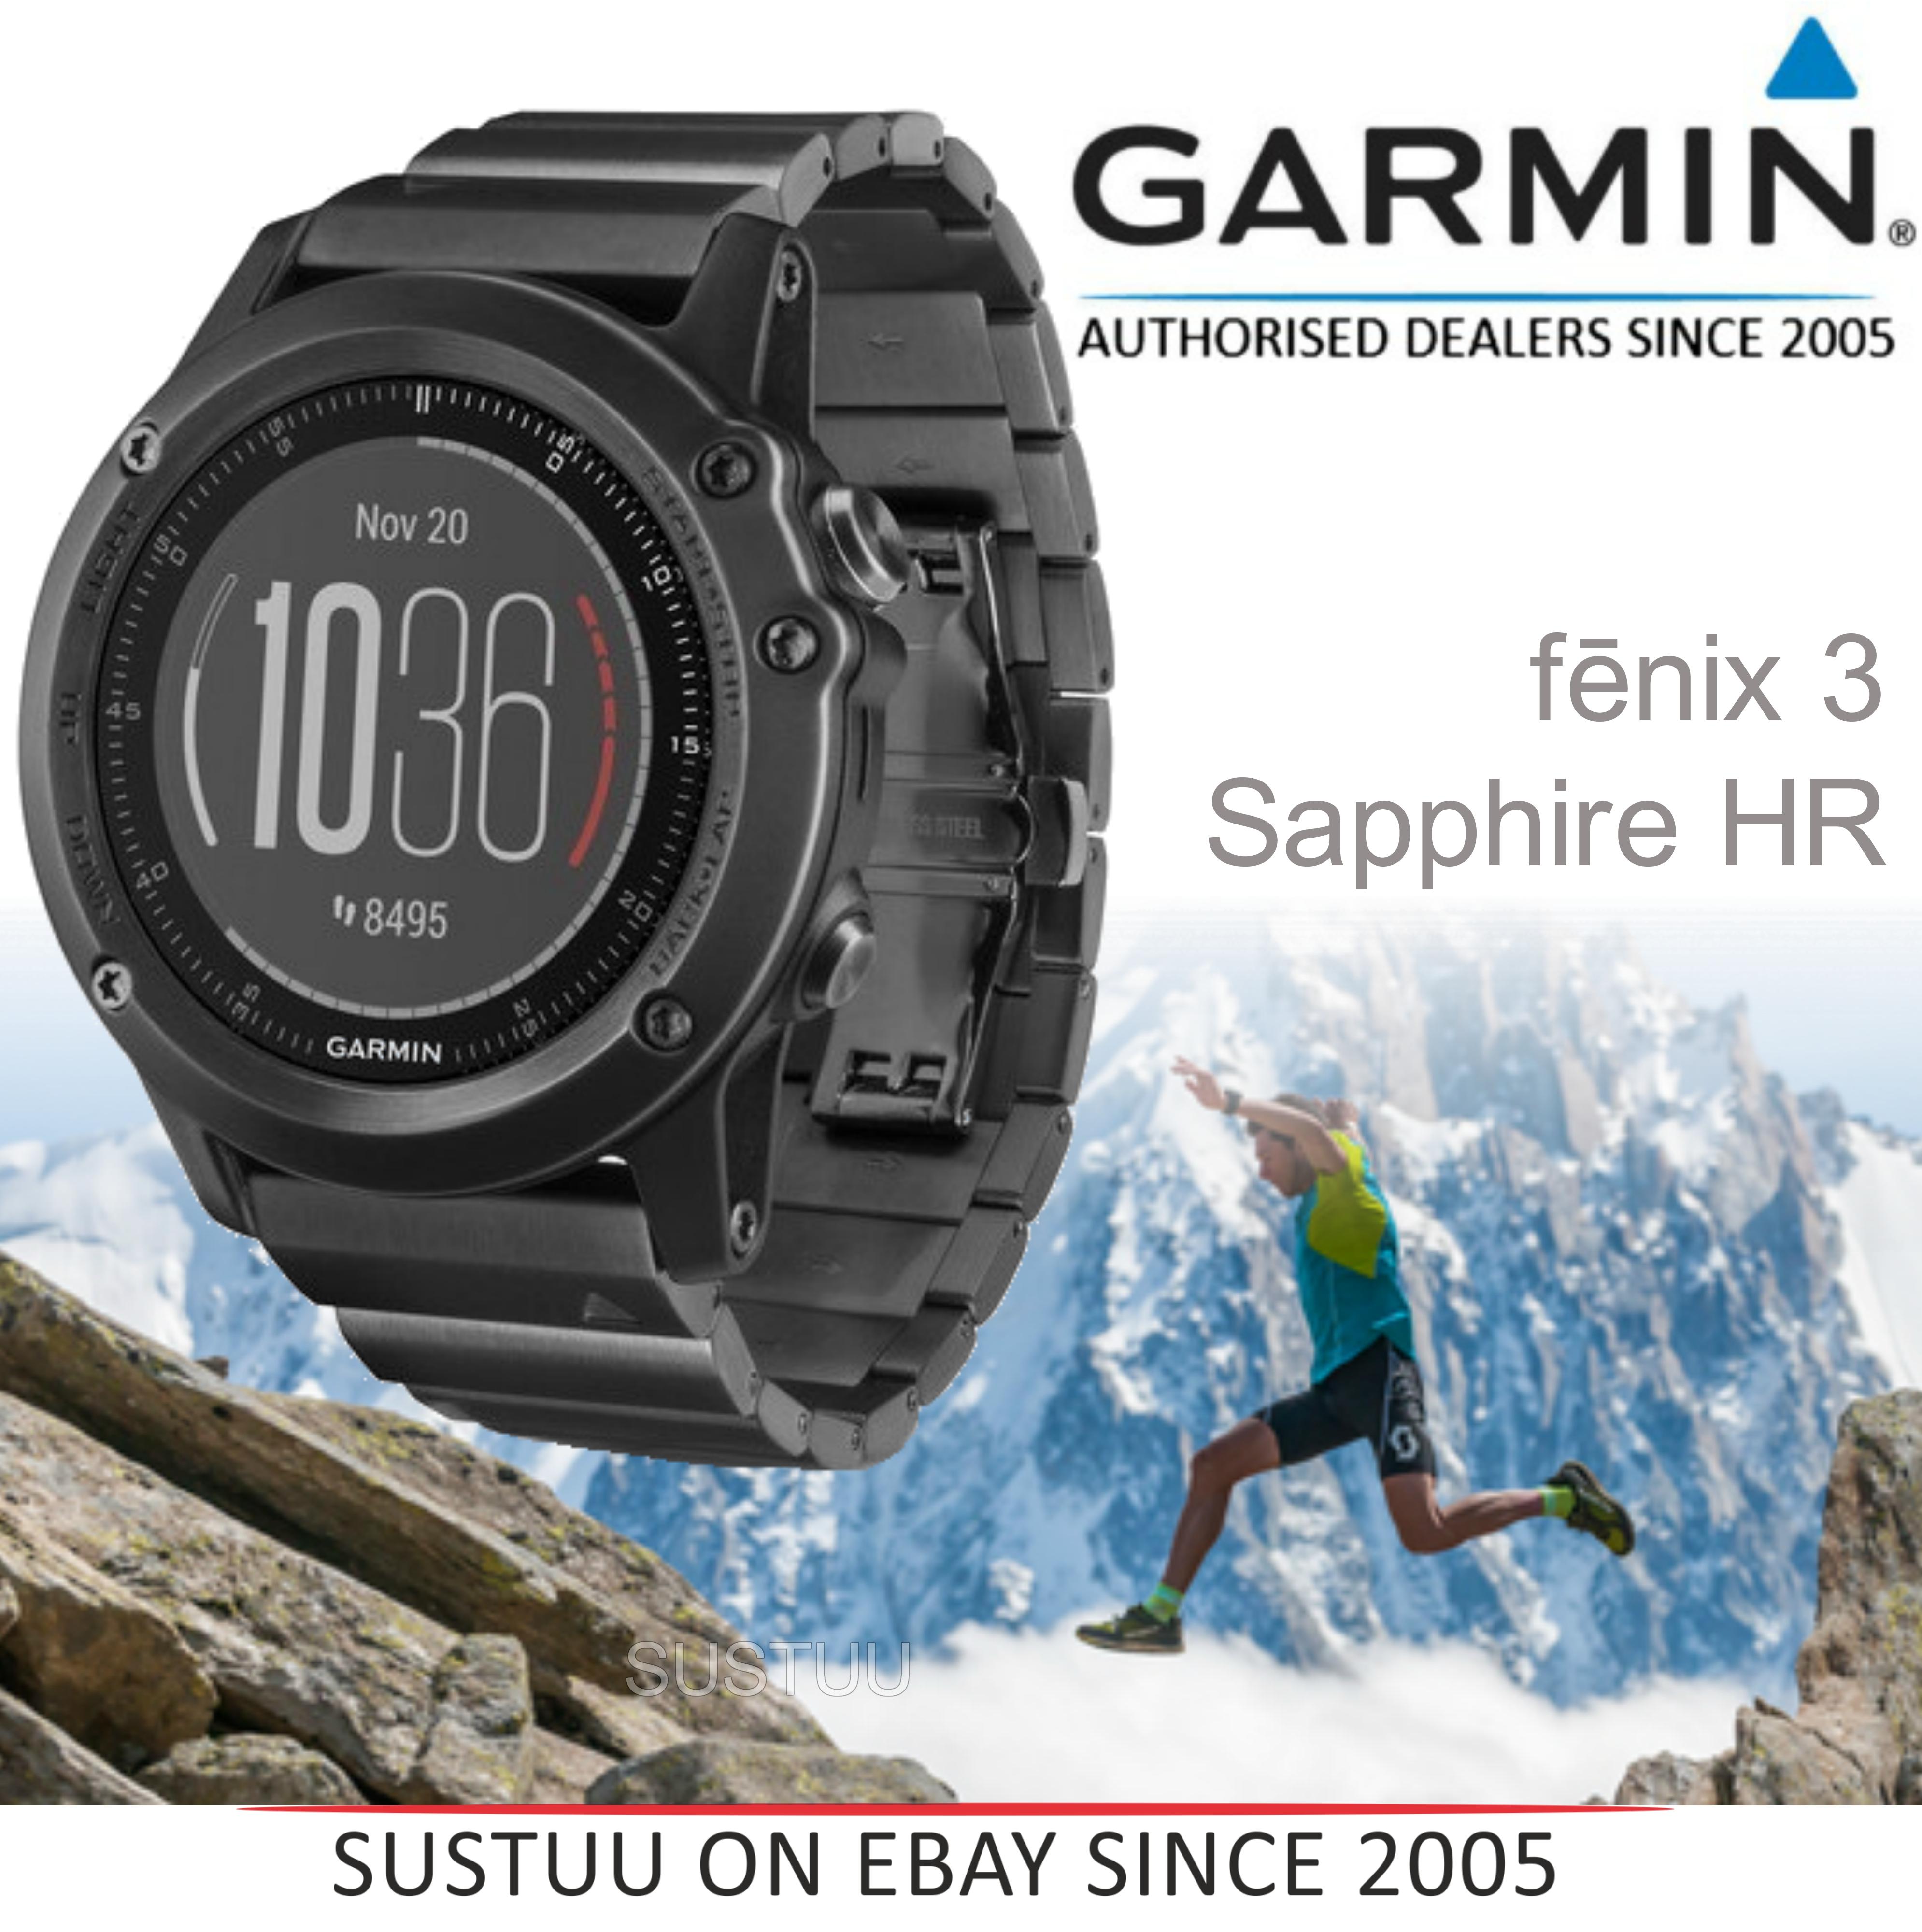 a82df9deb8 Fenix 3 Sapphire HR?GPS-GLONASS Smartwatch?HRM?Running-Multisport?Silicone-Black  | Sustuu